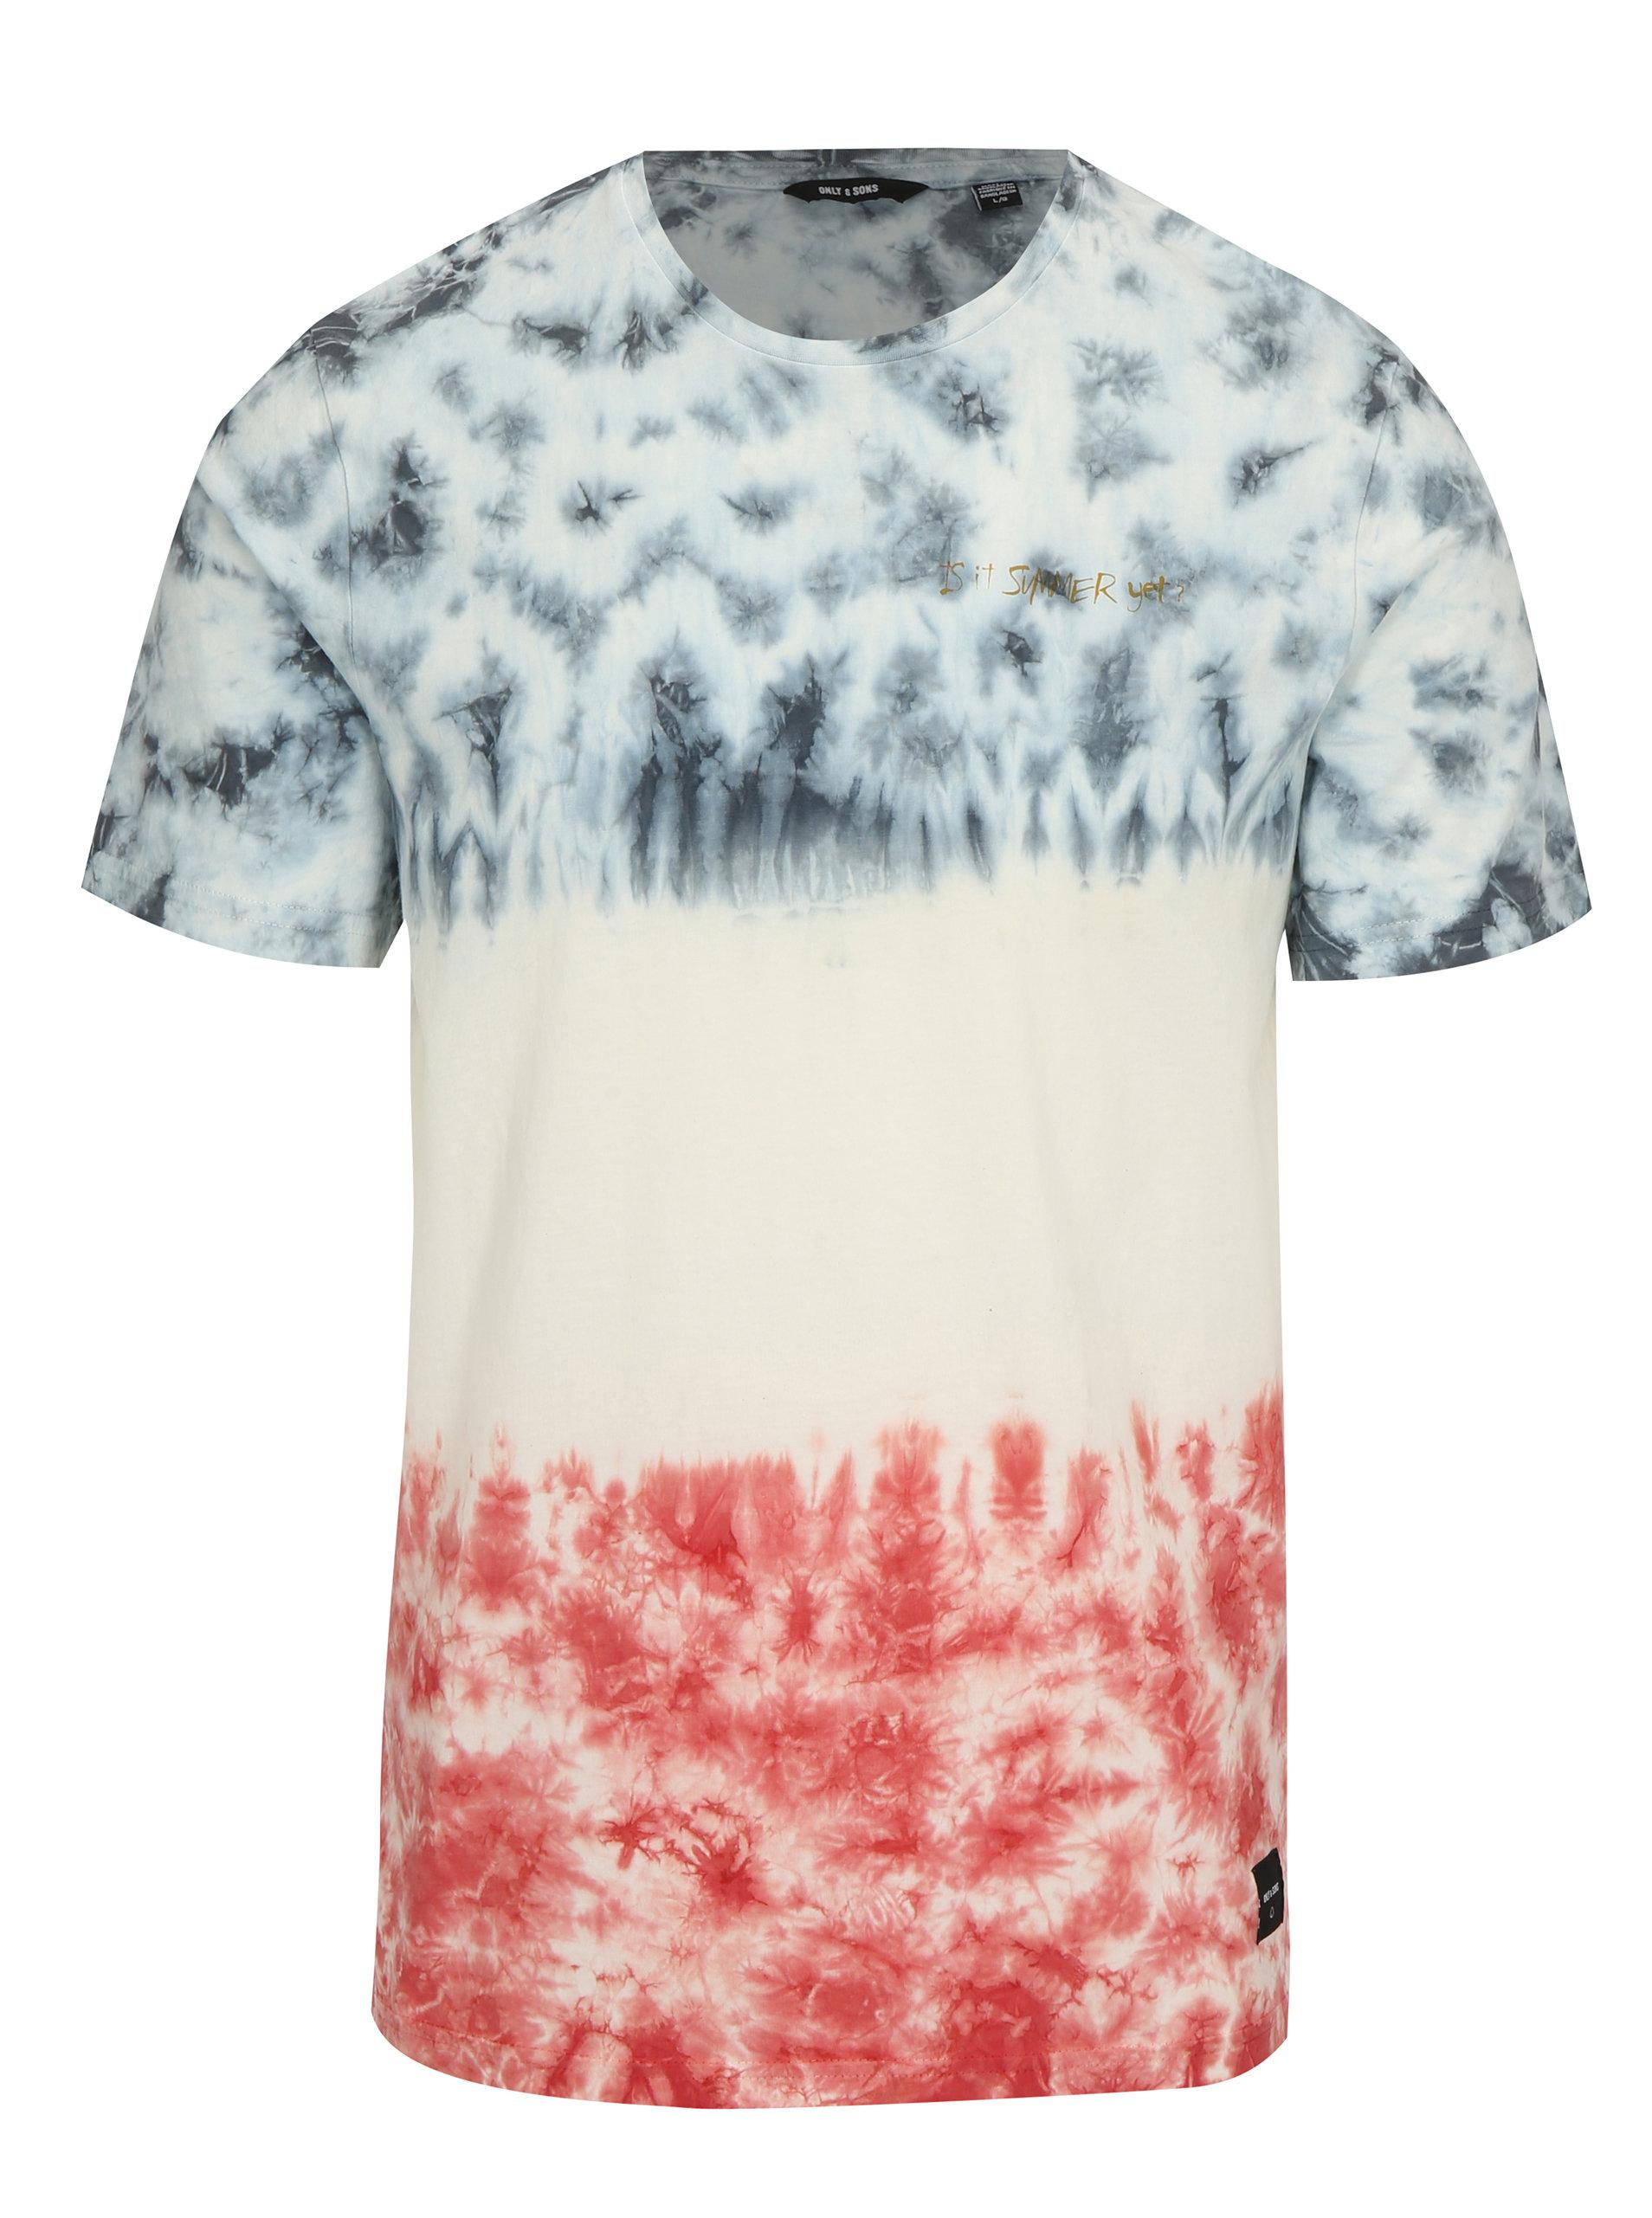 a959abeec75a Bílé vzorované tričko ONLY   SONS Tye ...